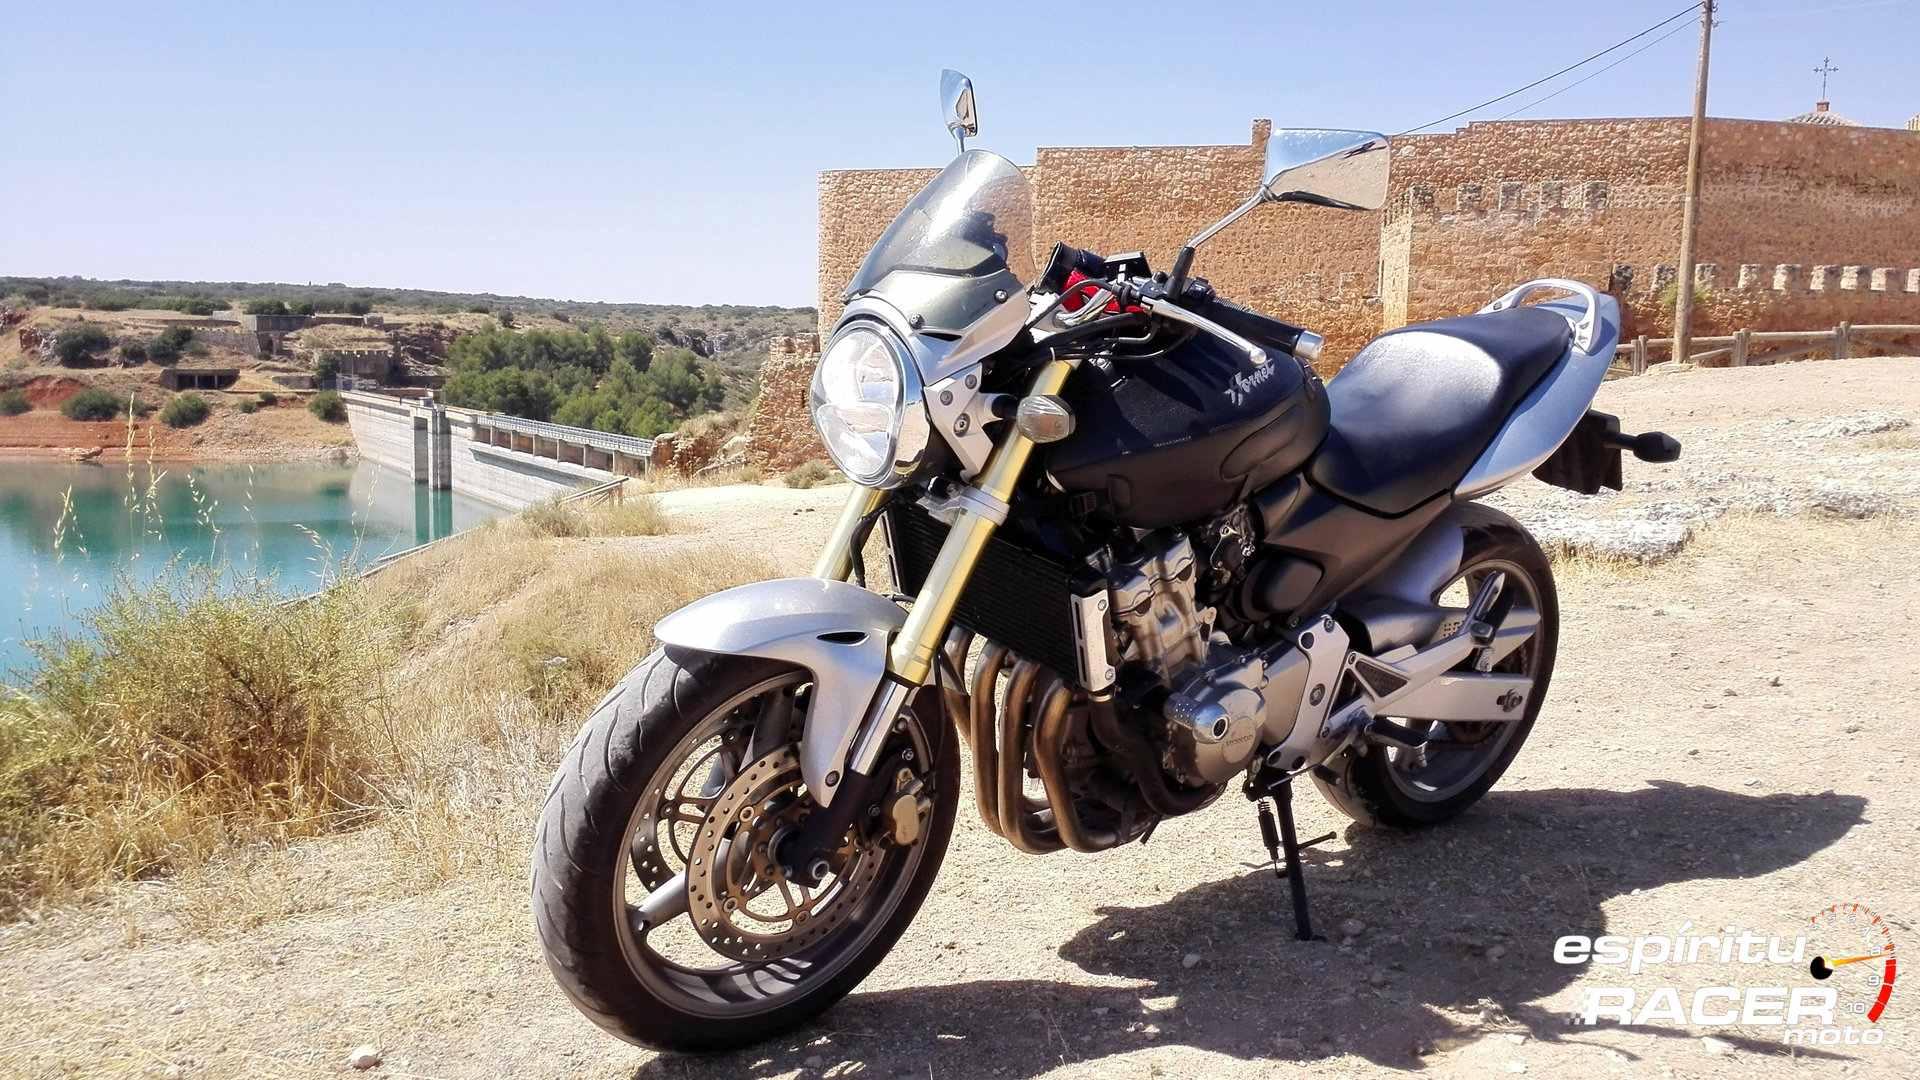 Moto del día: Honda CB 600 F Hornet (I)